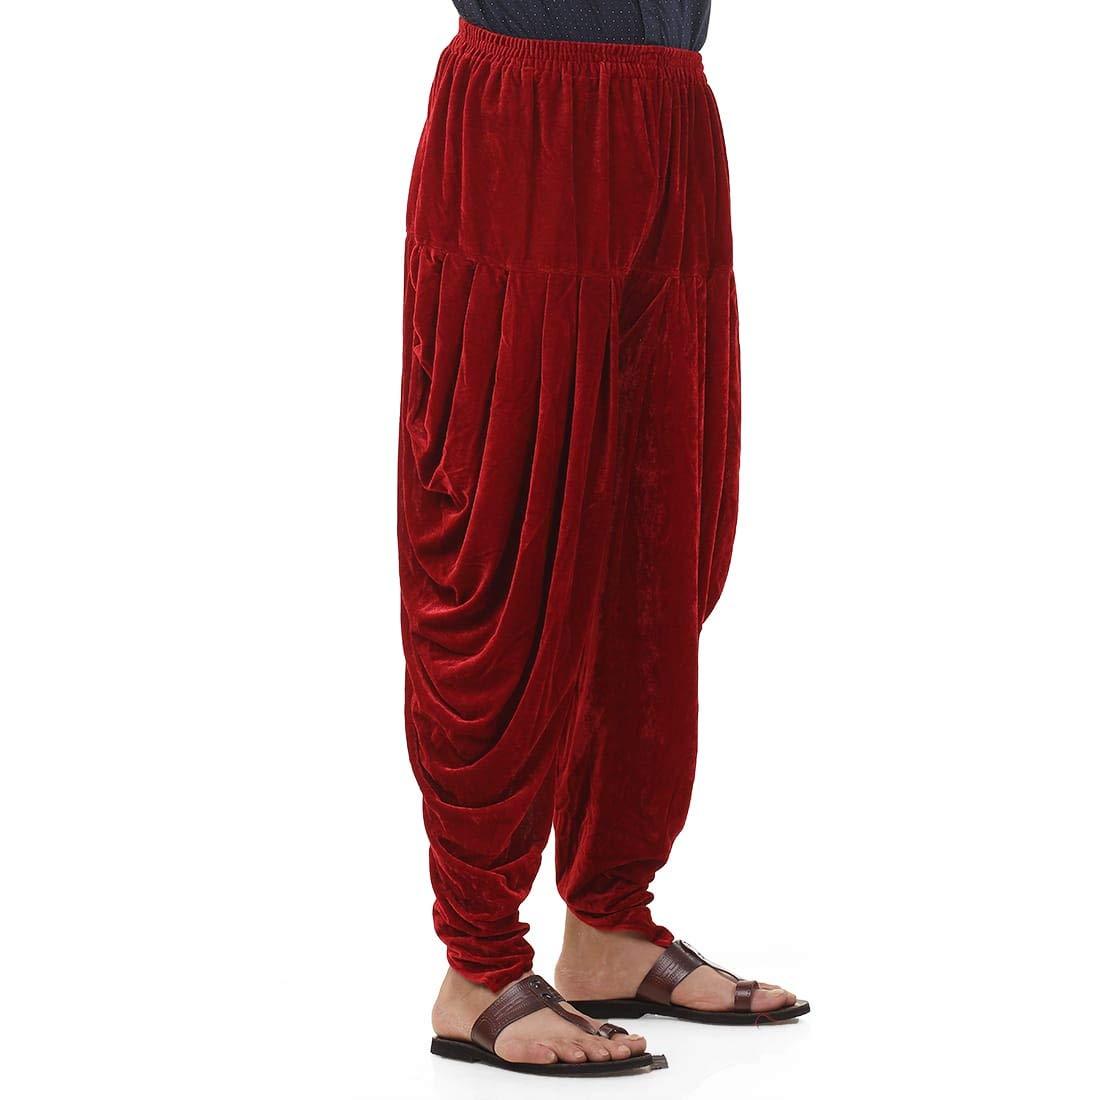 Patiala-Pants-Salwar-fuer-Maenner-Samt-elastischer-Bund-handgefertigt-laessig-Wear Indexbild 20